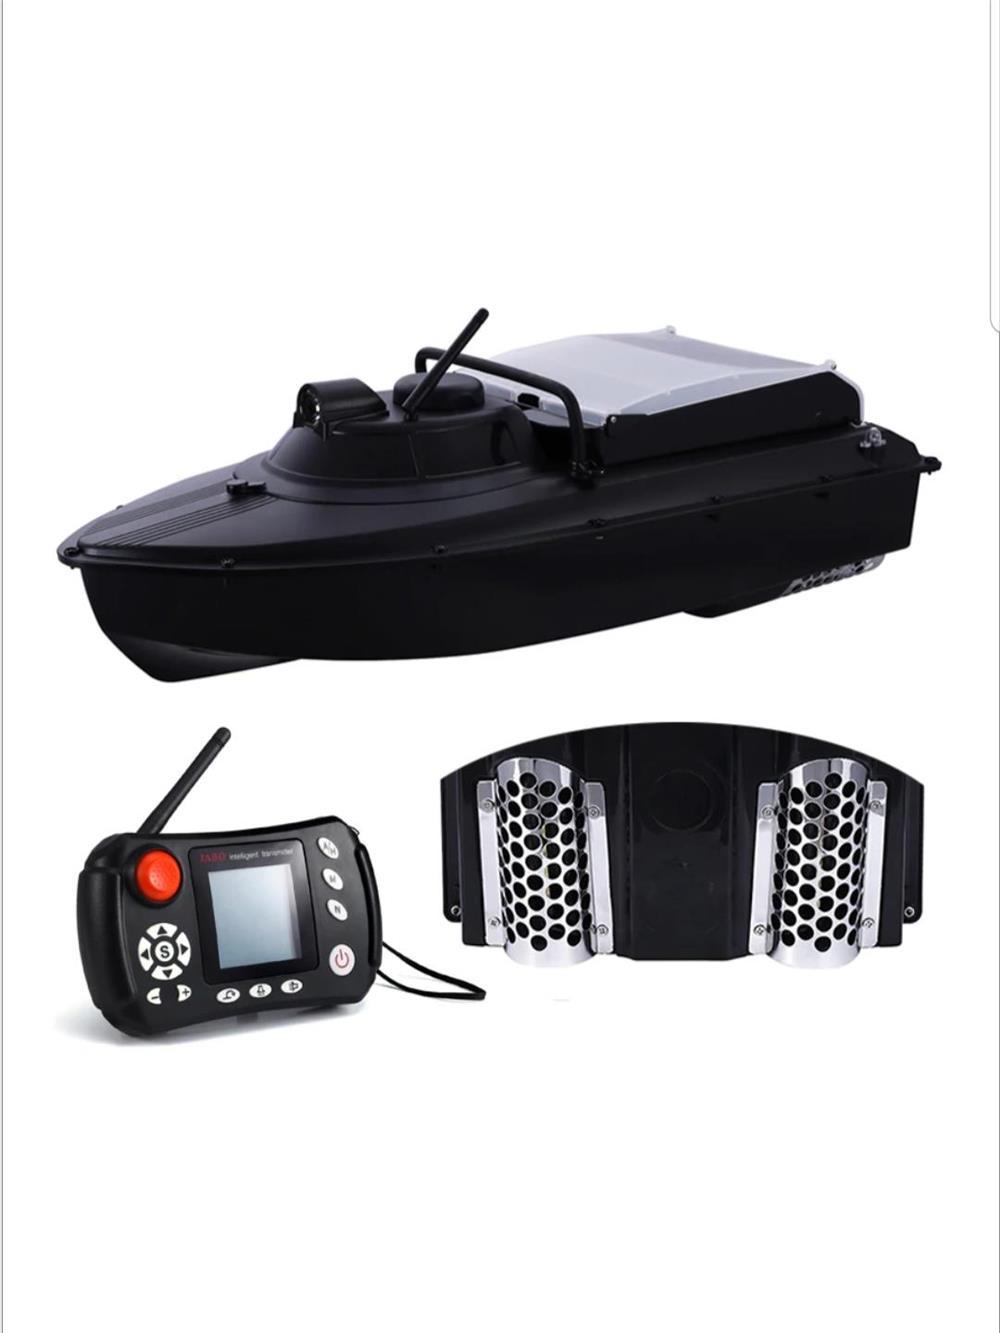 Barca de plantat cu sonar si GPS . Oferta cu doua baterii!!